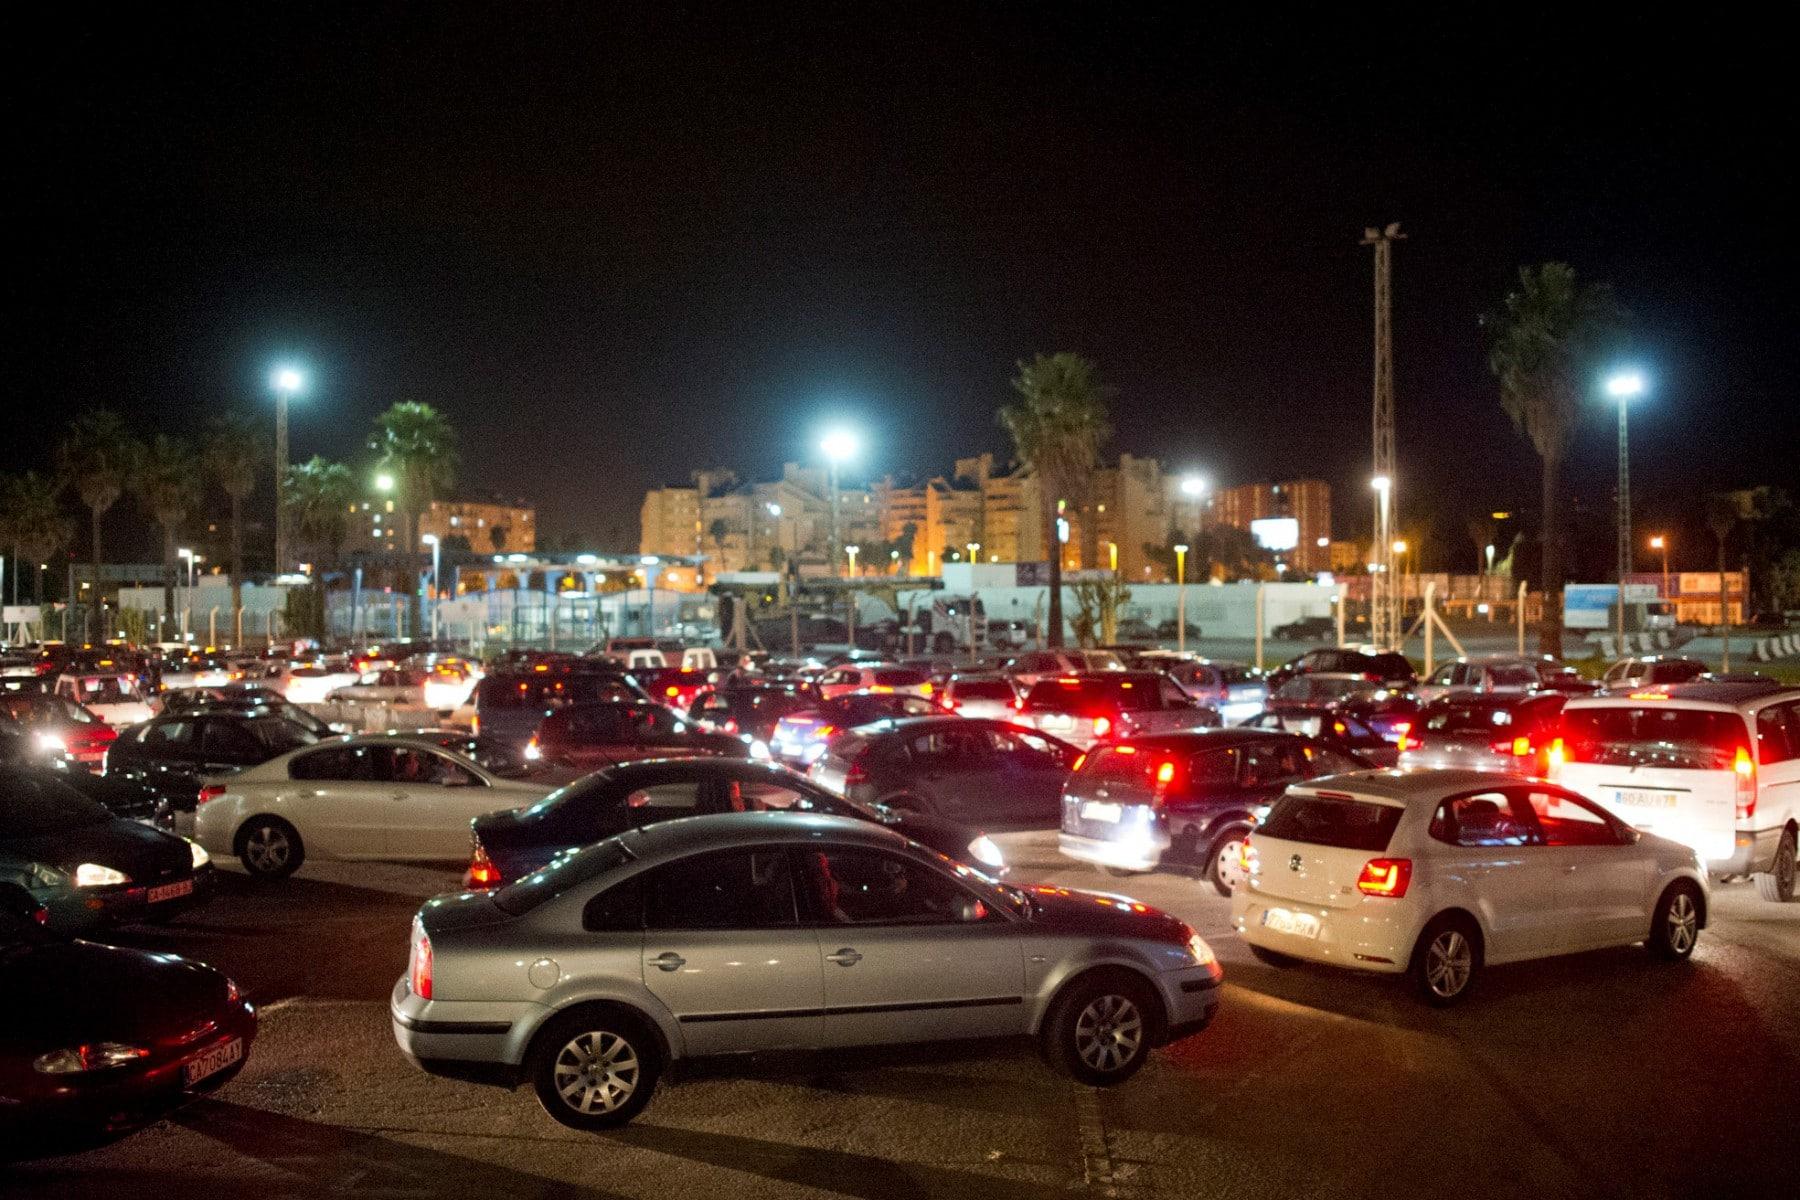 colas-frontera-de-gibraltar-11-noviembre-20146_15764089755_o